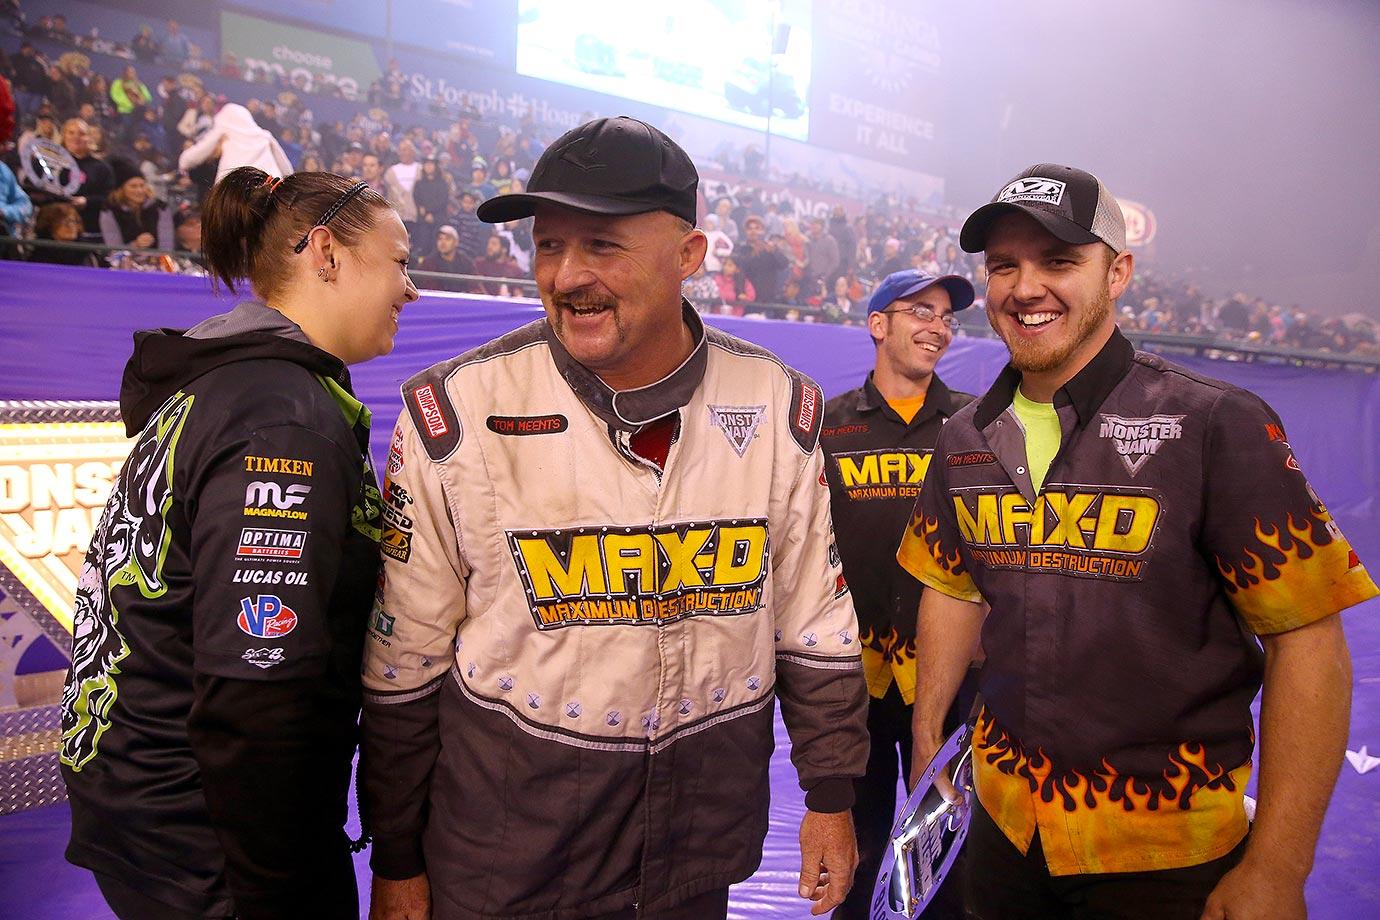 Monster Truck's 'Max-D' driver Neil Elliott (center) is all smiles on the podium after winning the Monster Jam.